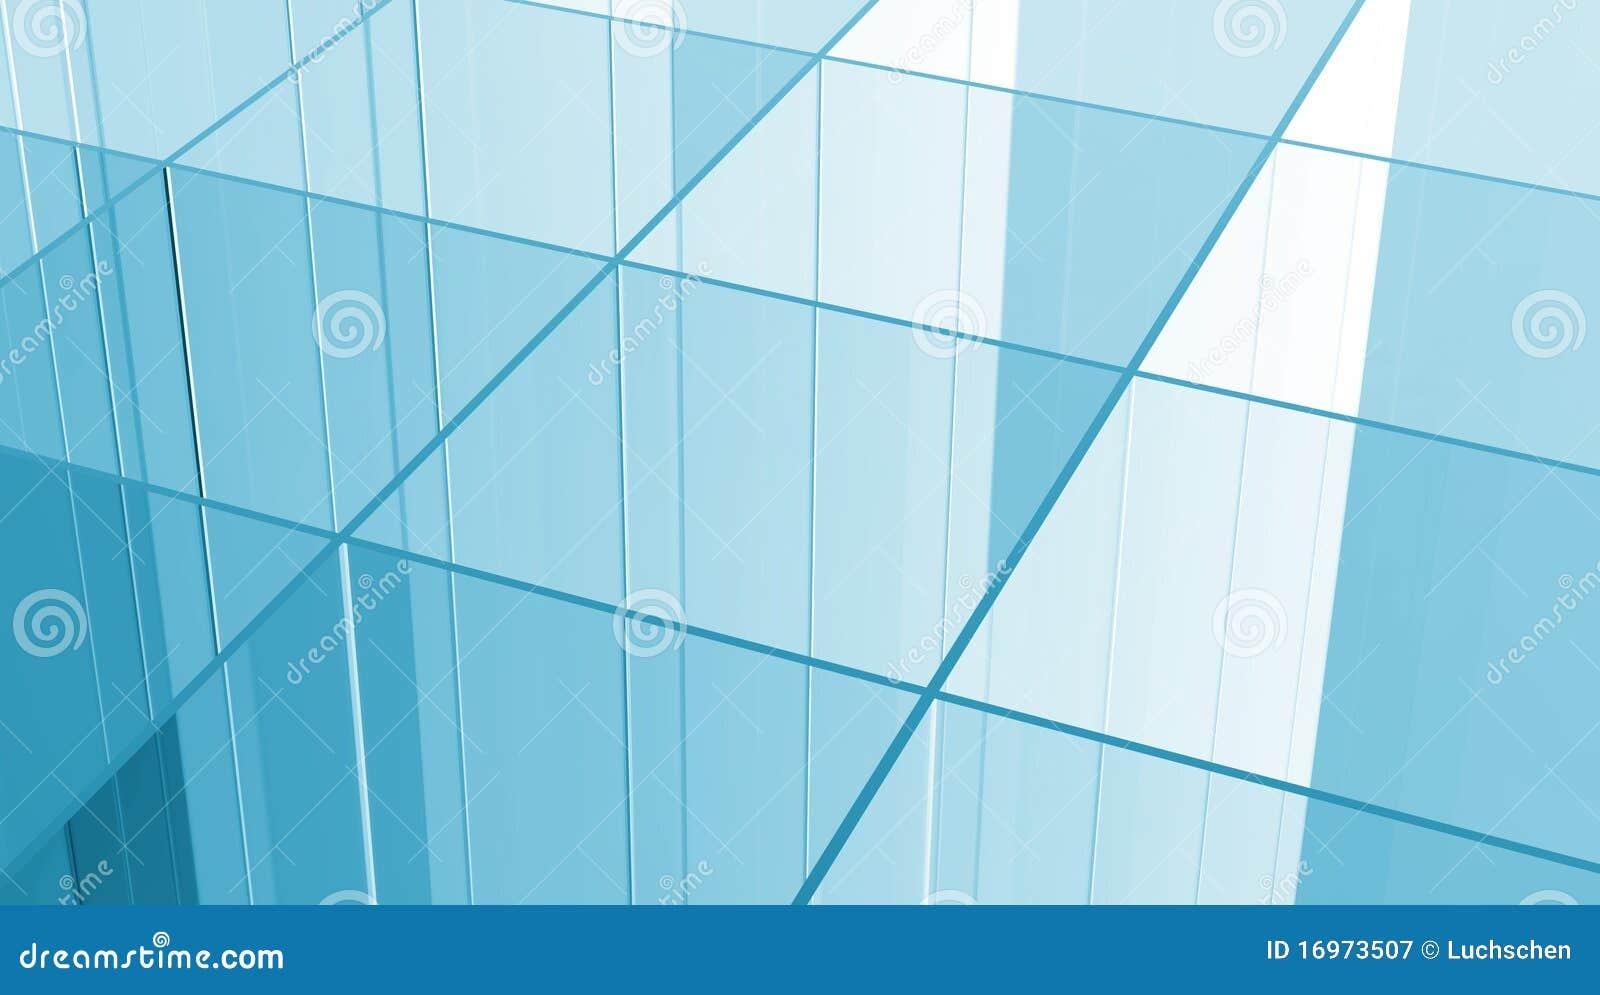 Glass grid